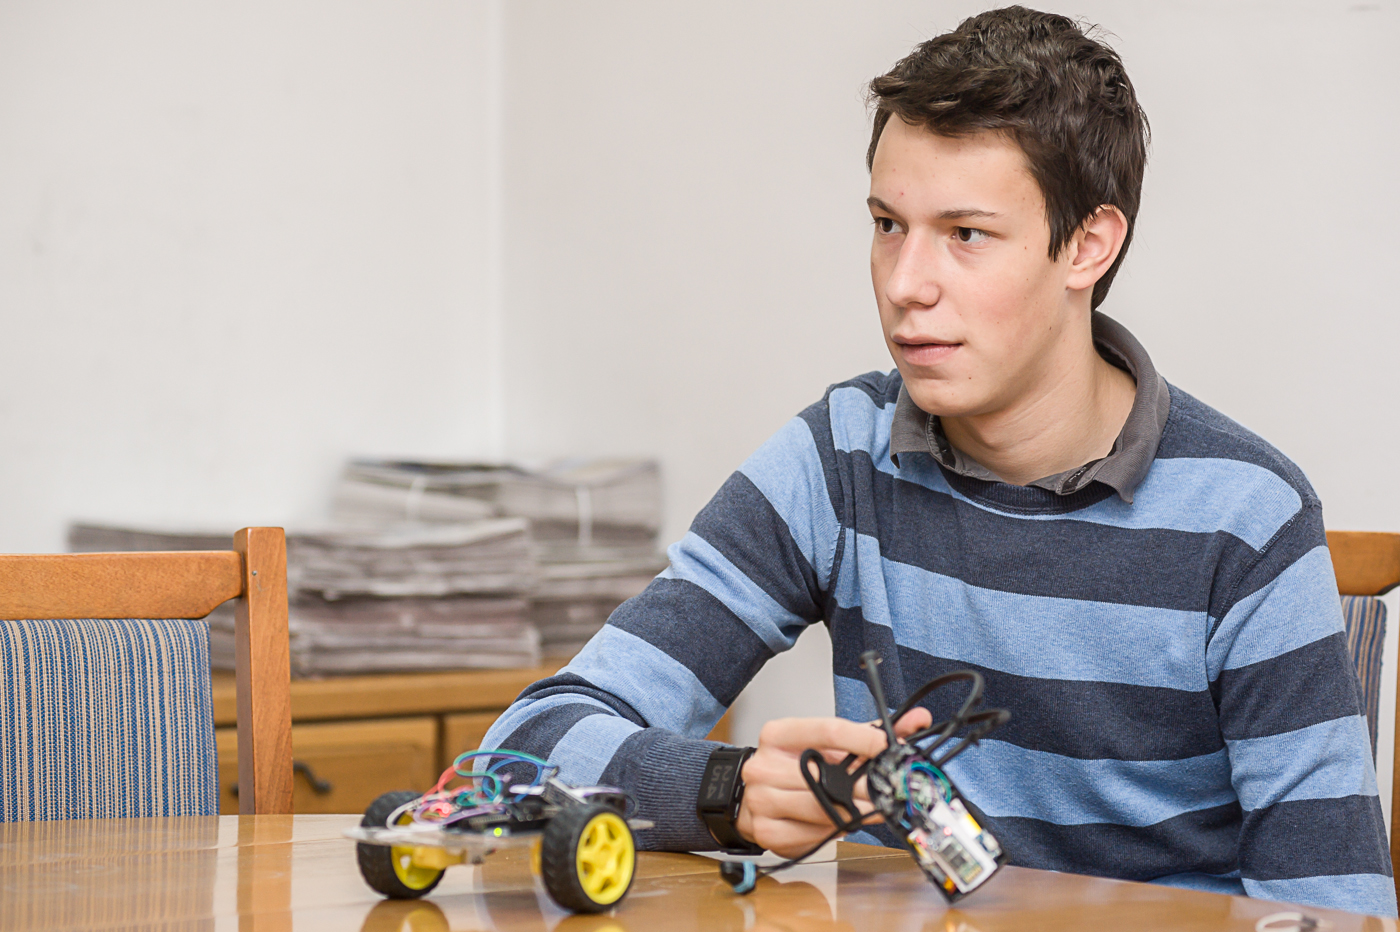 A középiskolás fiú életmentő találmánya